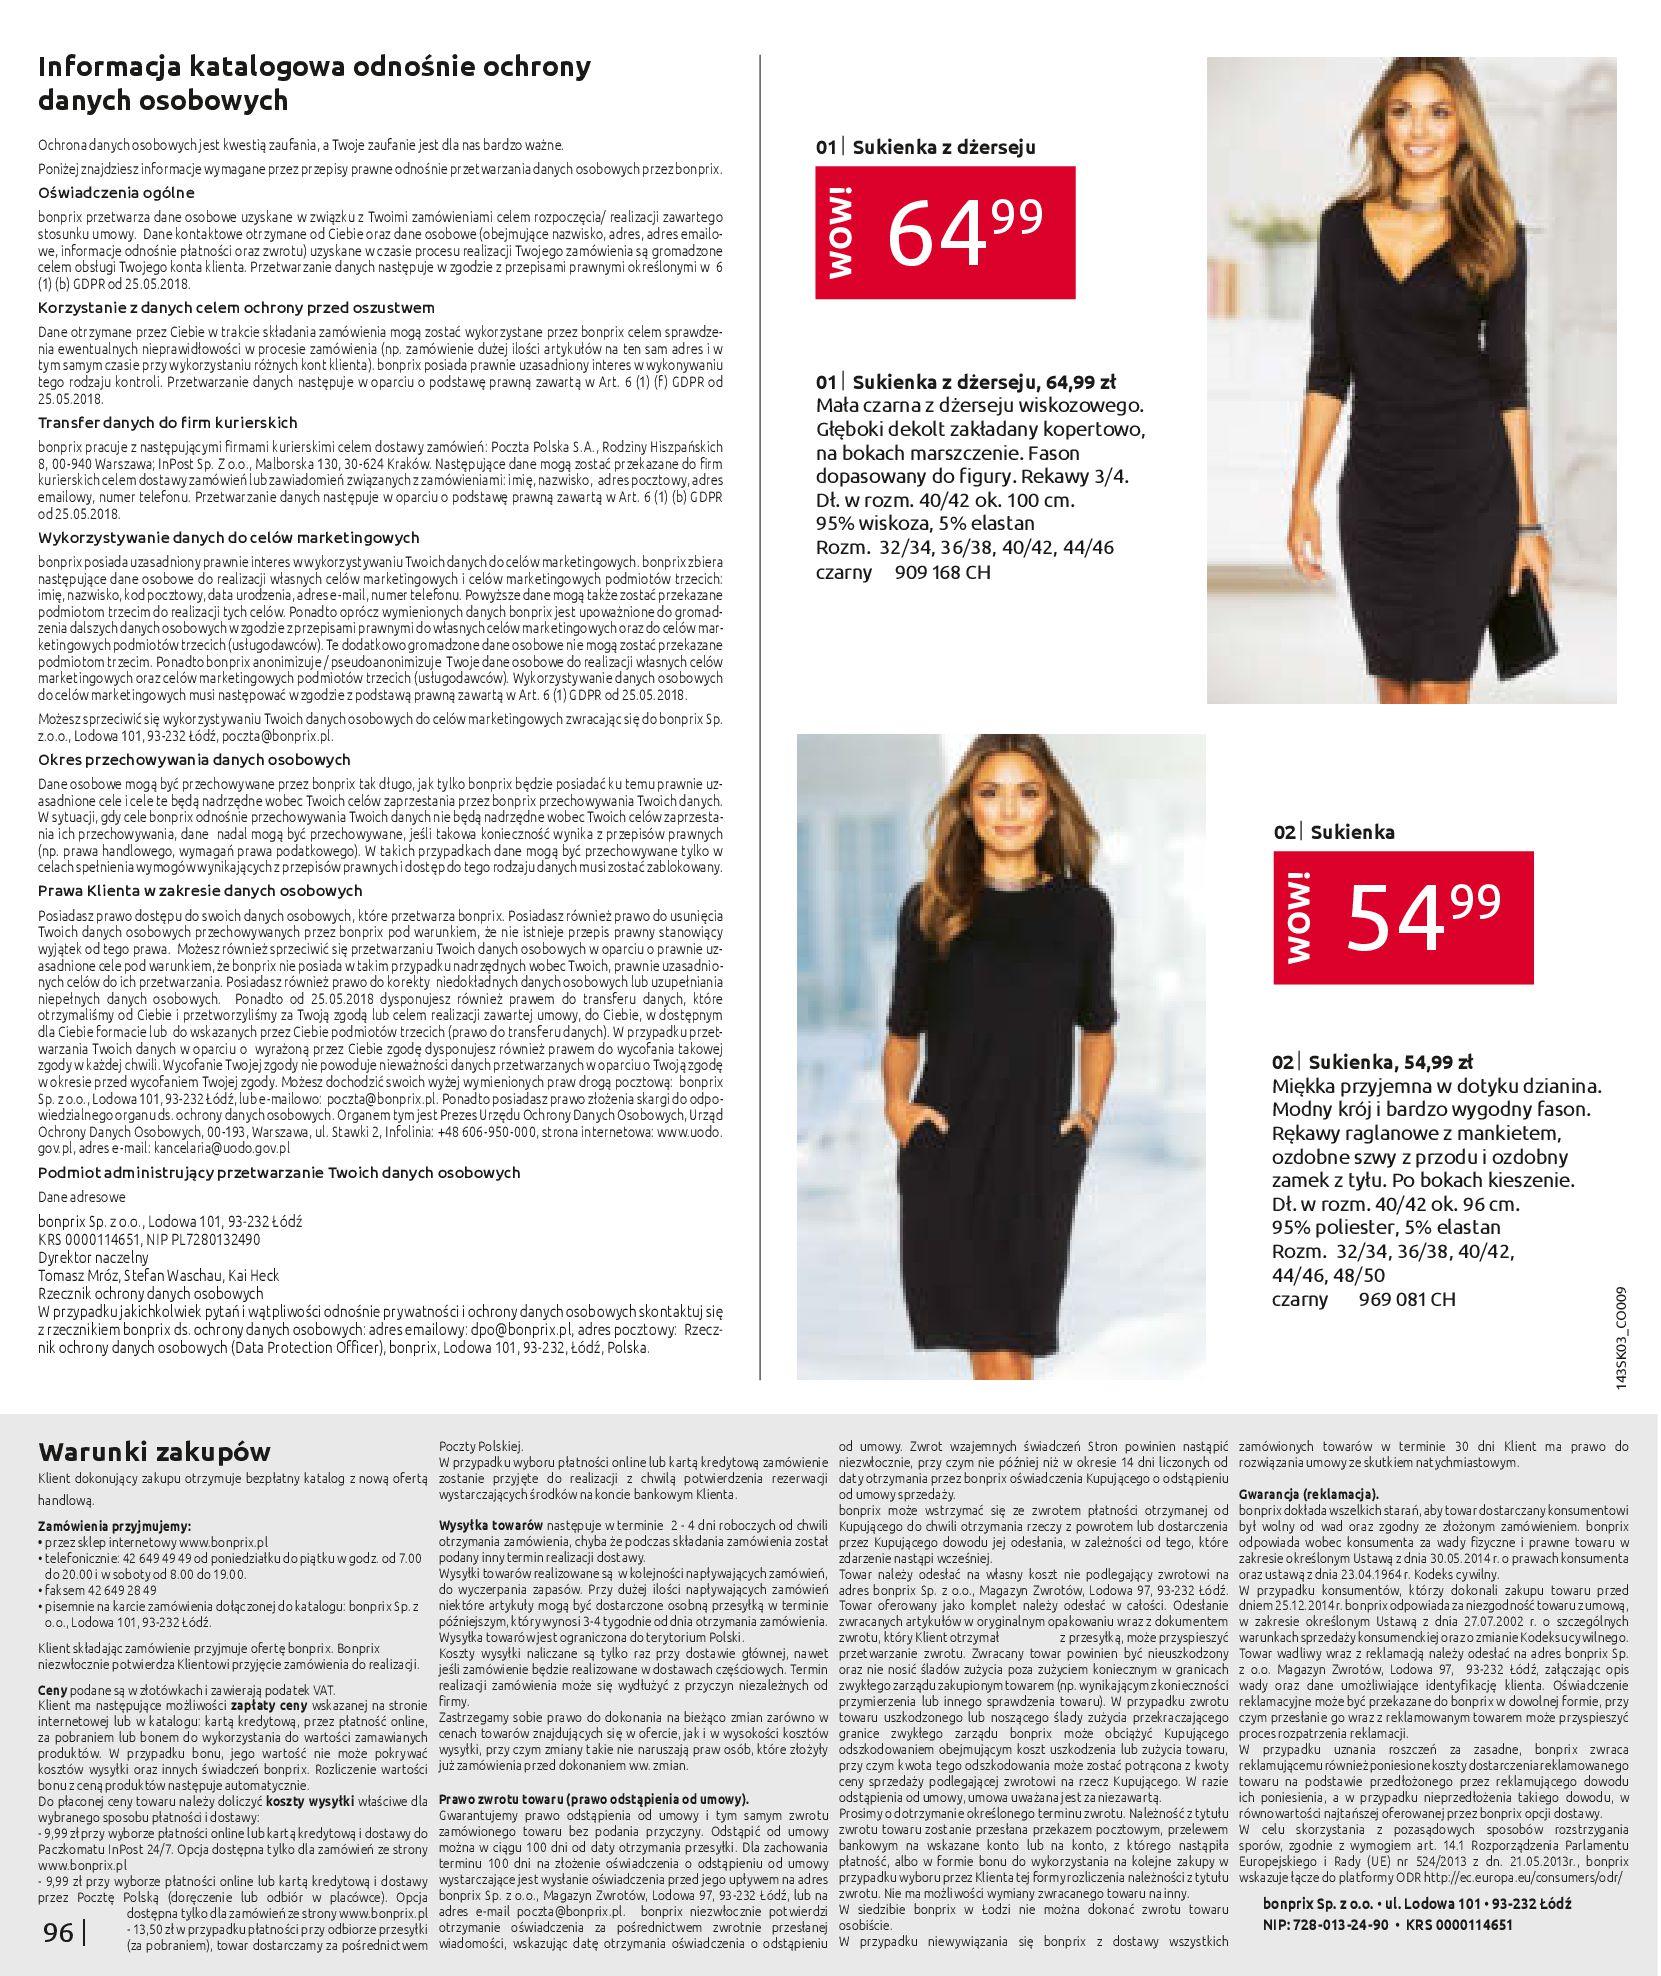 Gazetka Bonprix: Wiosenna moda 2021-03-05 page-98